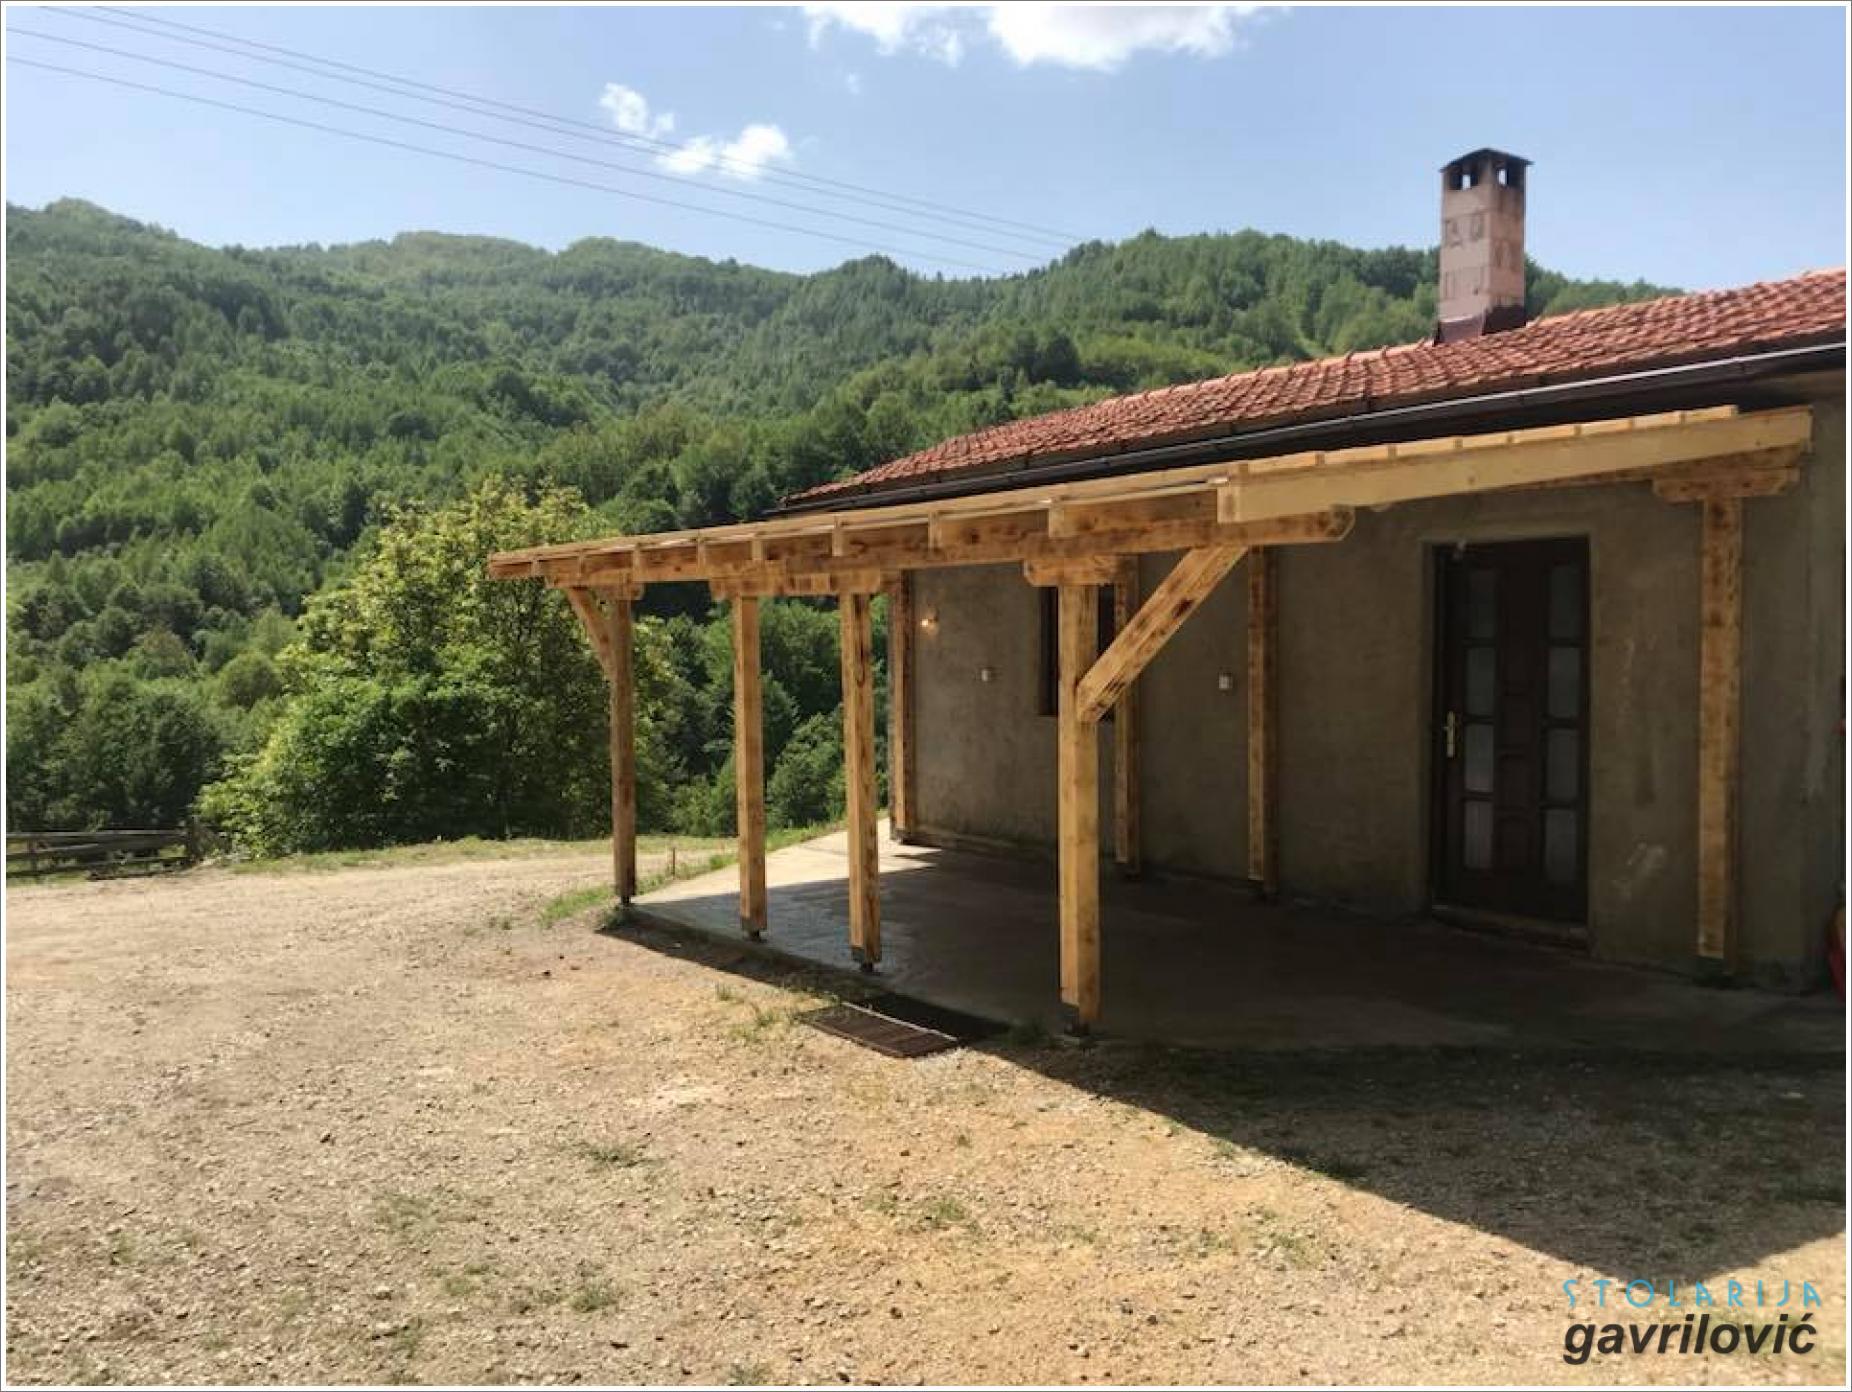 Drvena nadstrešnica 05 - stolarija Gavrilović